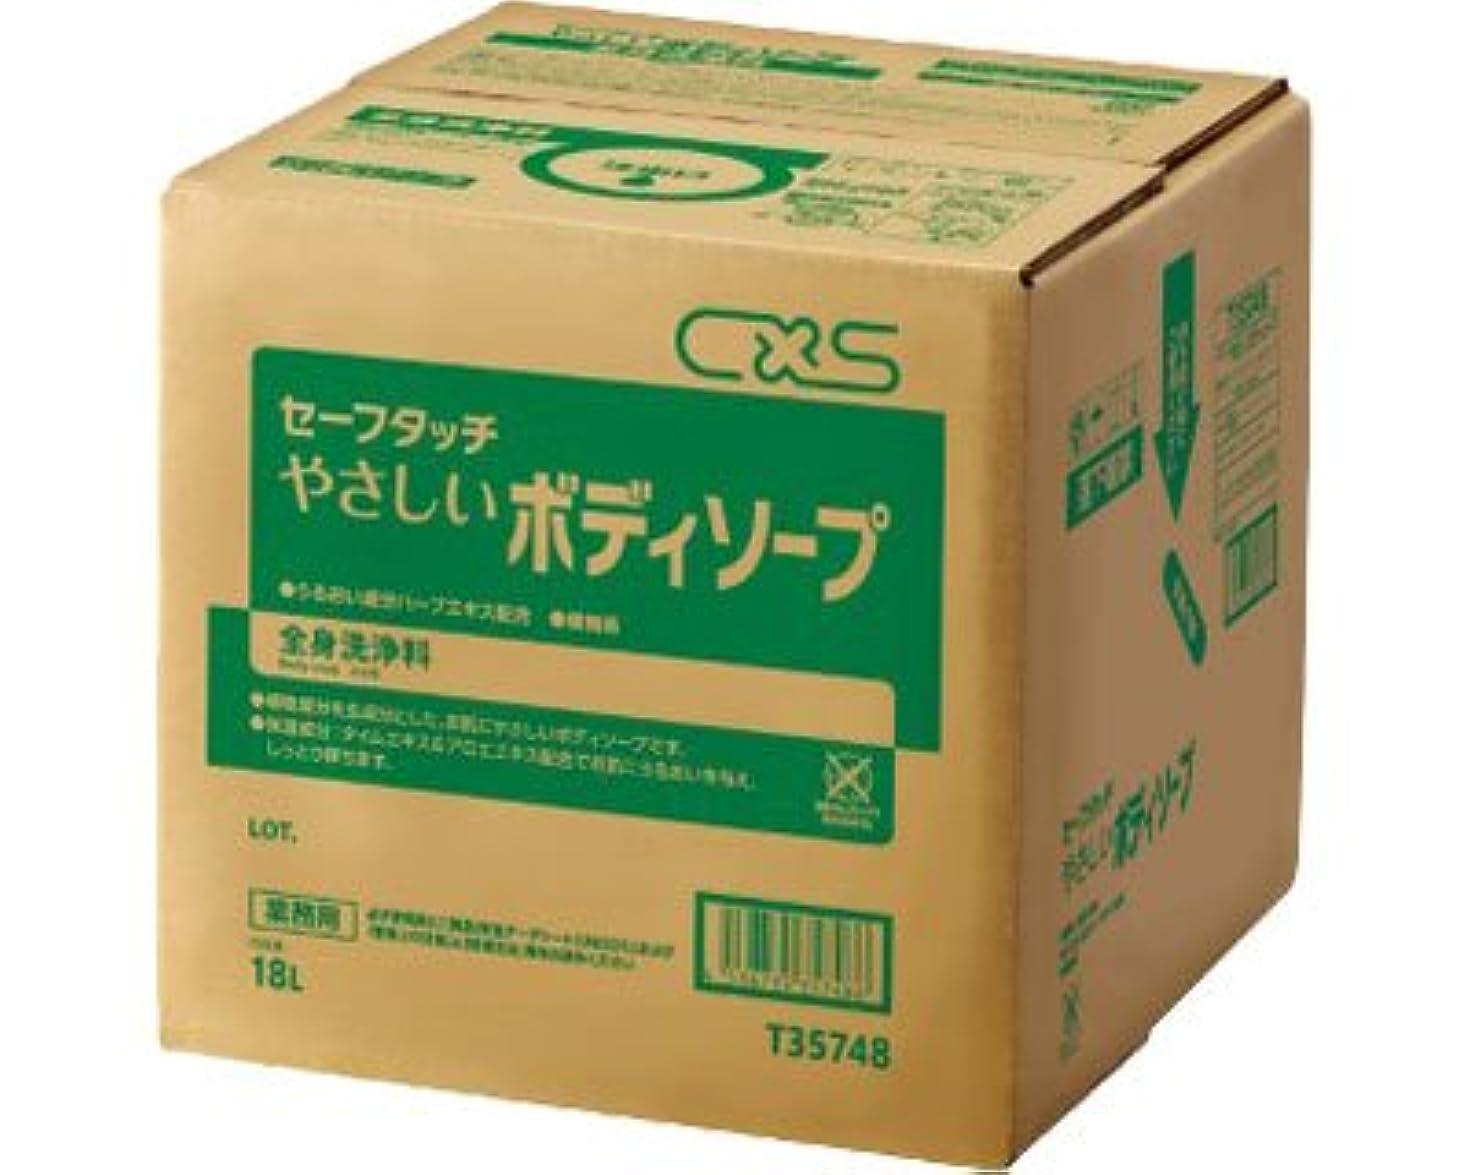 良心スケルトン水っぽいセーフタッチ やさしいボディソープ 18L T35748 (ディバーシー) (清拭消耗品)